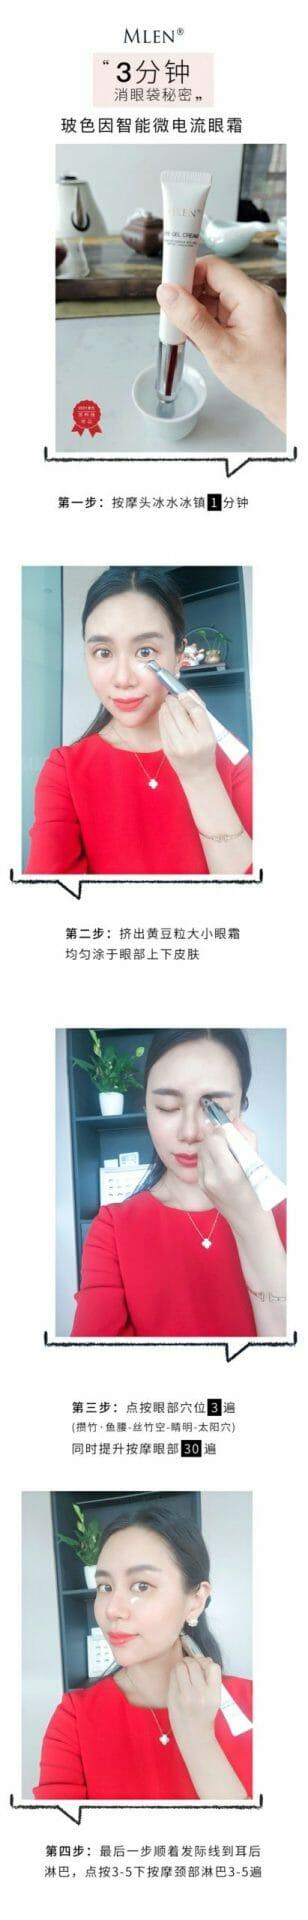 mlen group pro xylane electric massage revitalizing eye cream 11